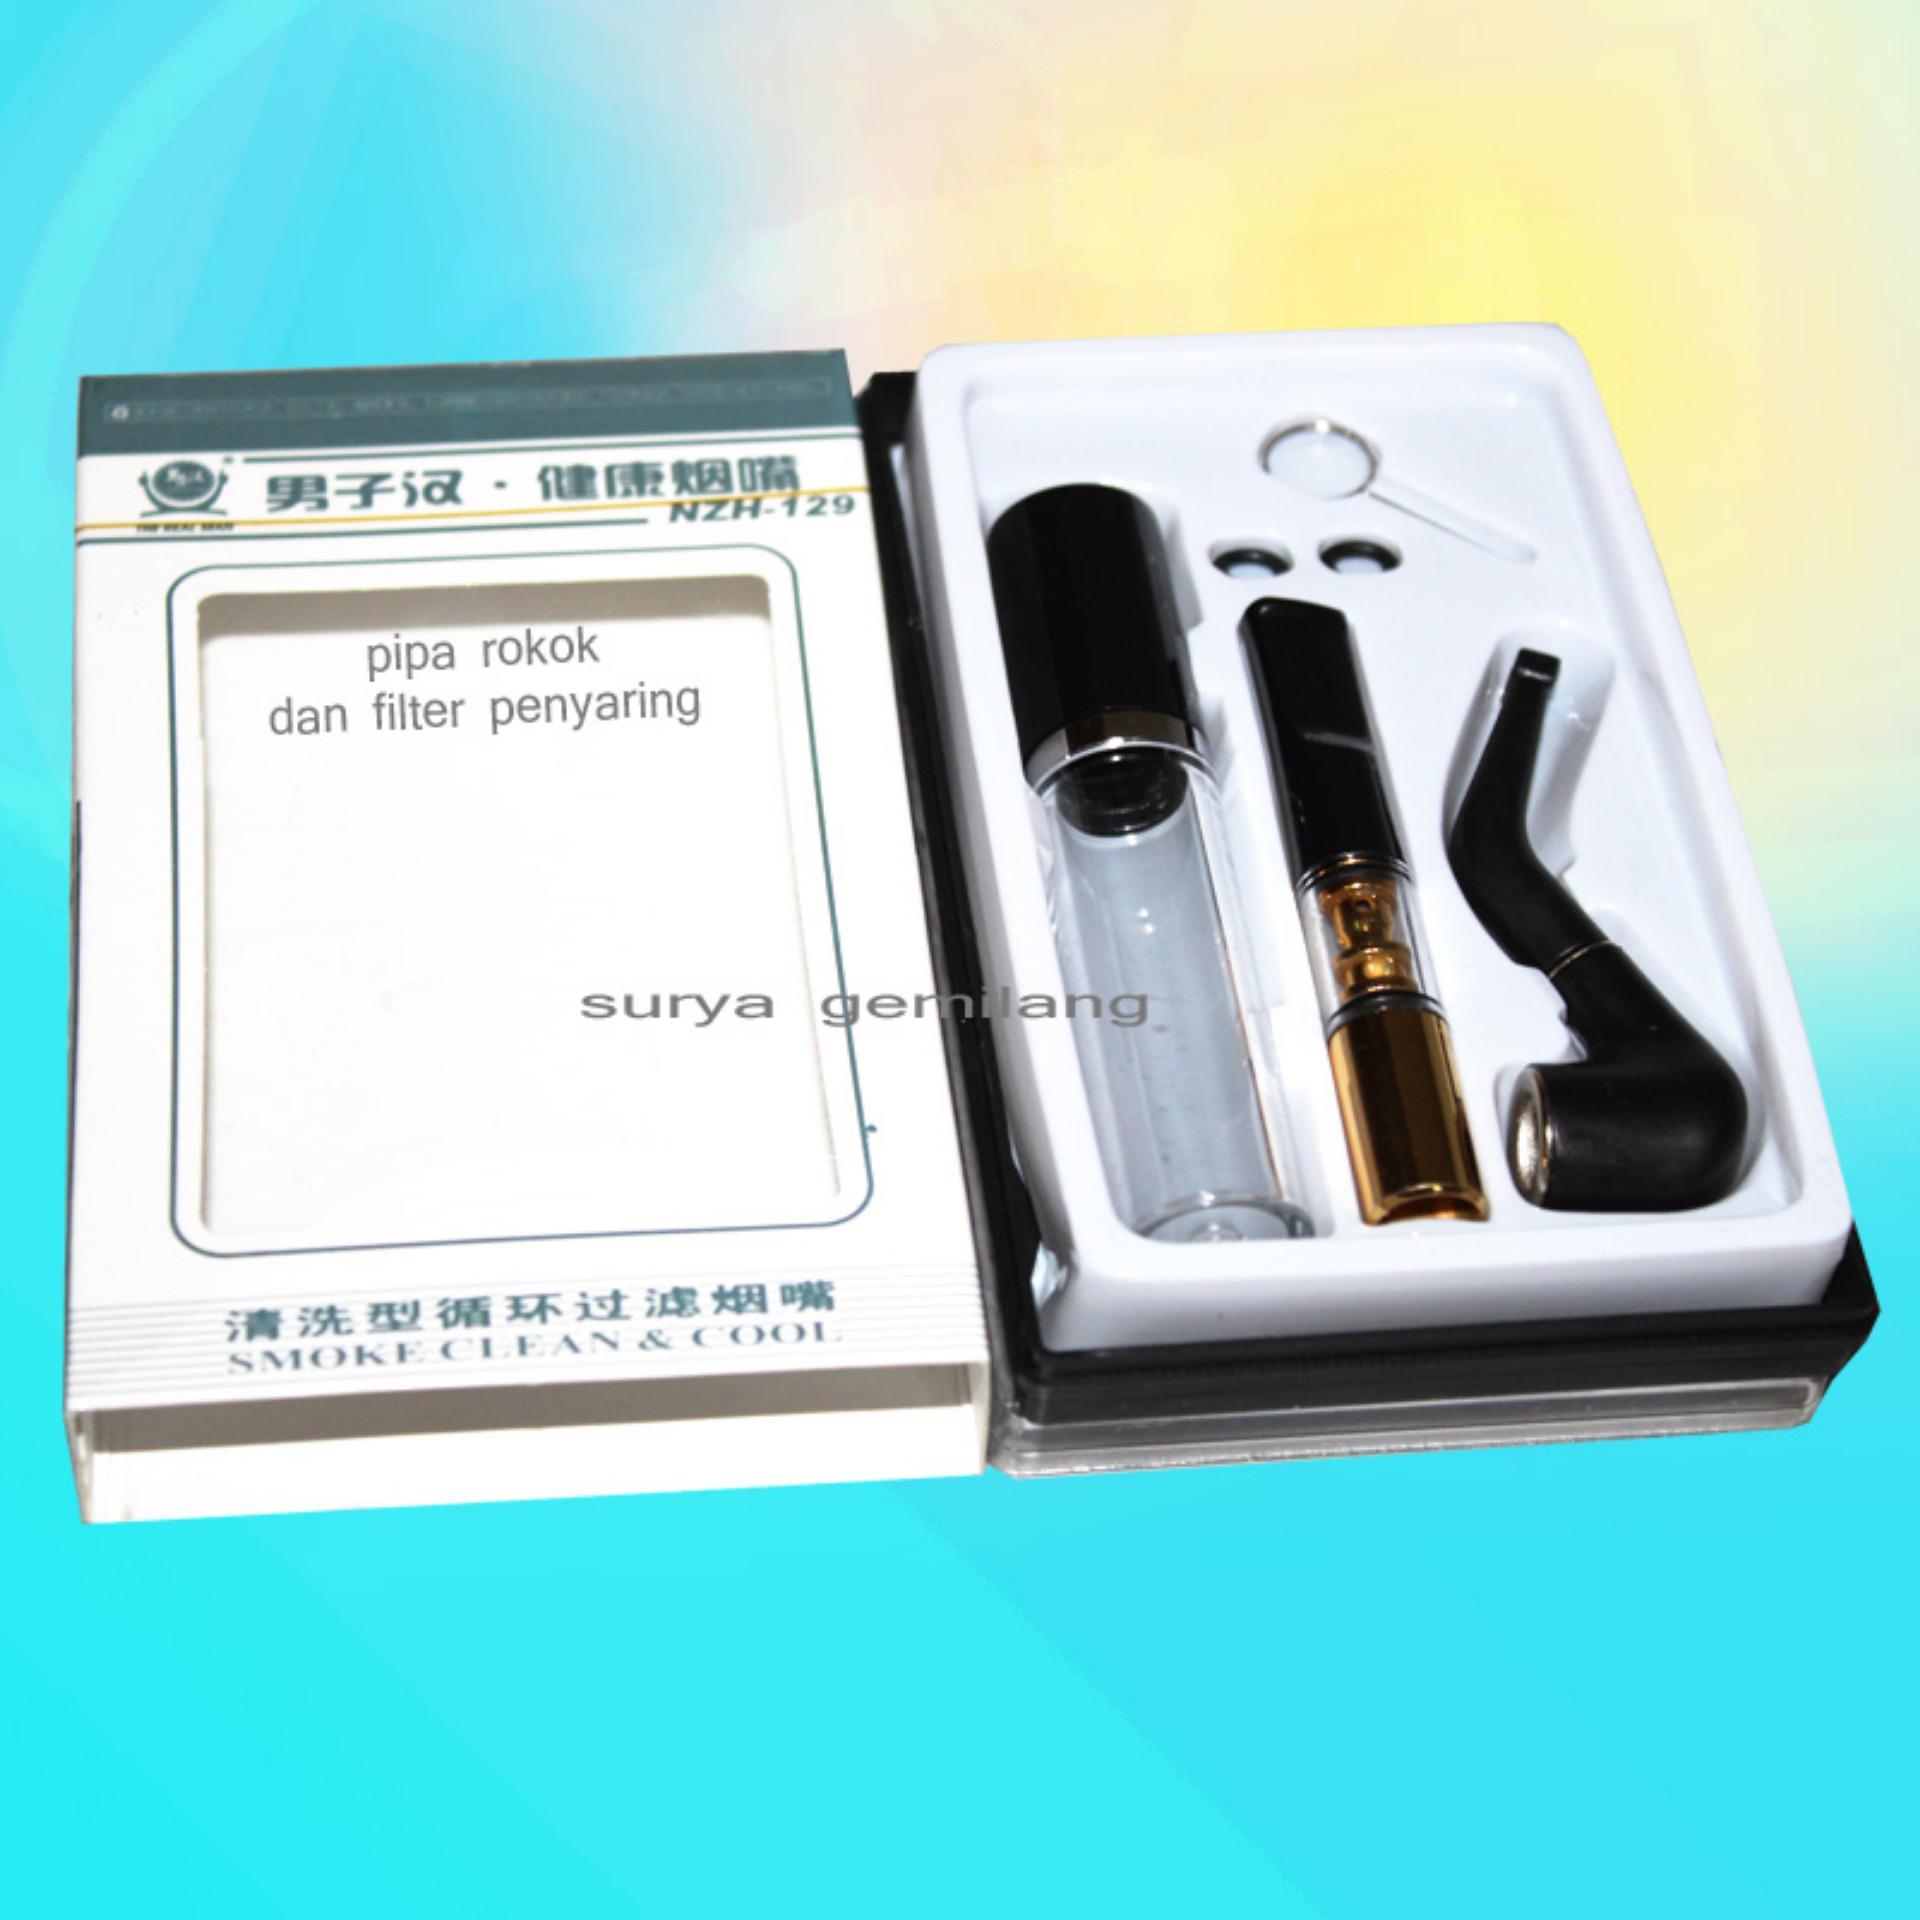 Rokok Aksesoris Terlengkap Gudang Garam Filter 12 Batang Gp Garpit International